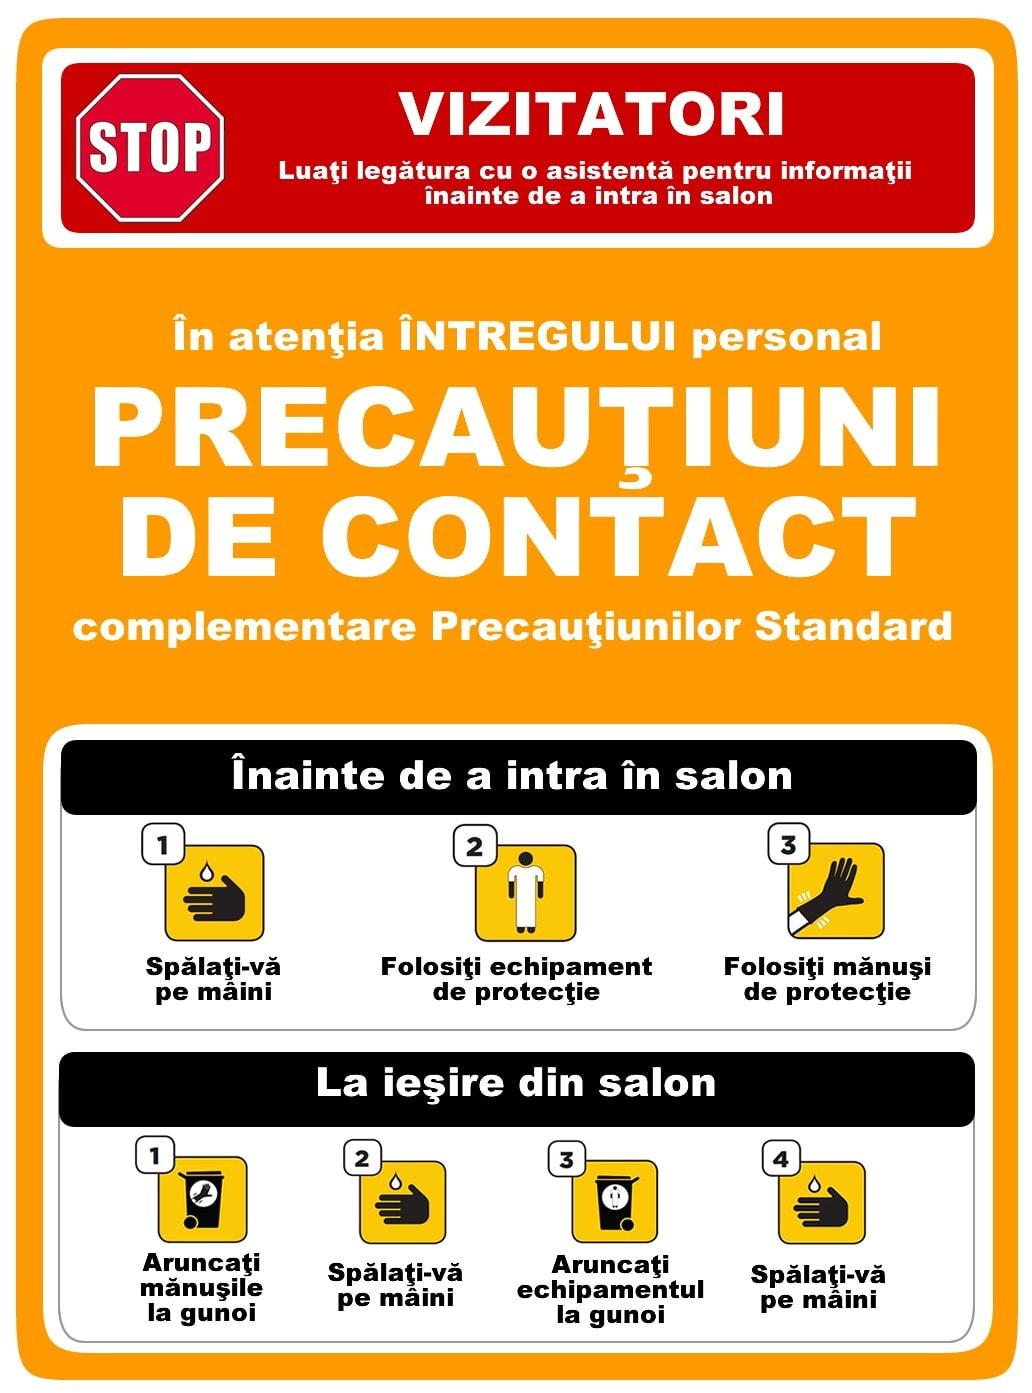 Precautiuni de contact